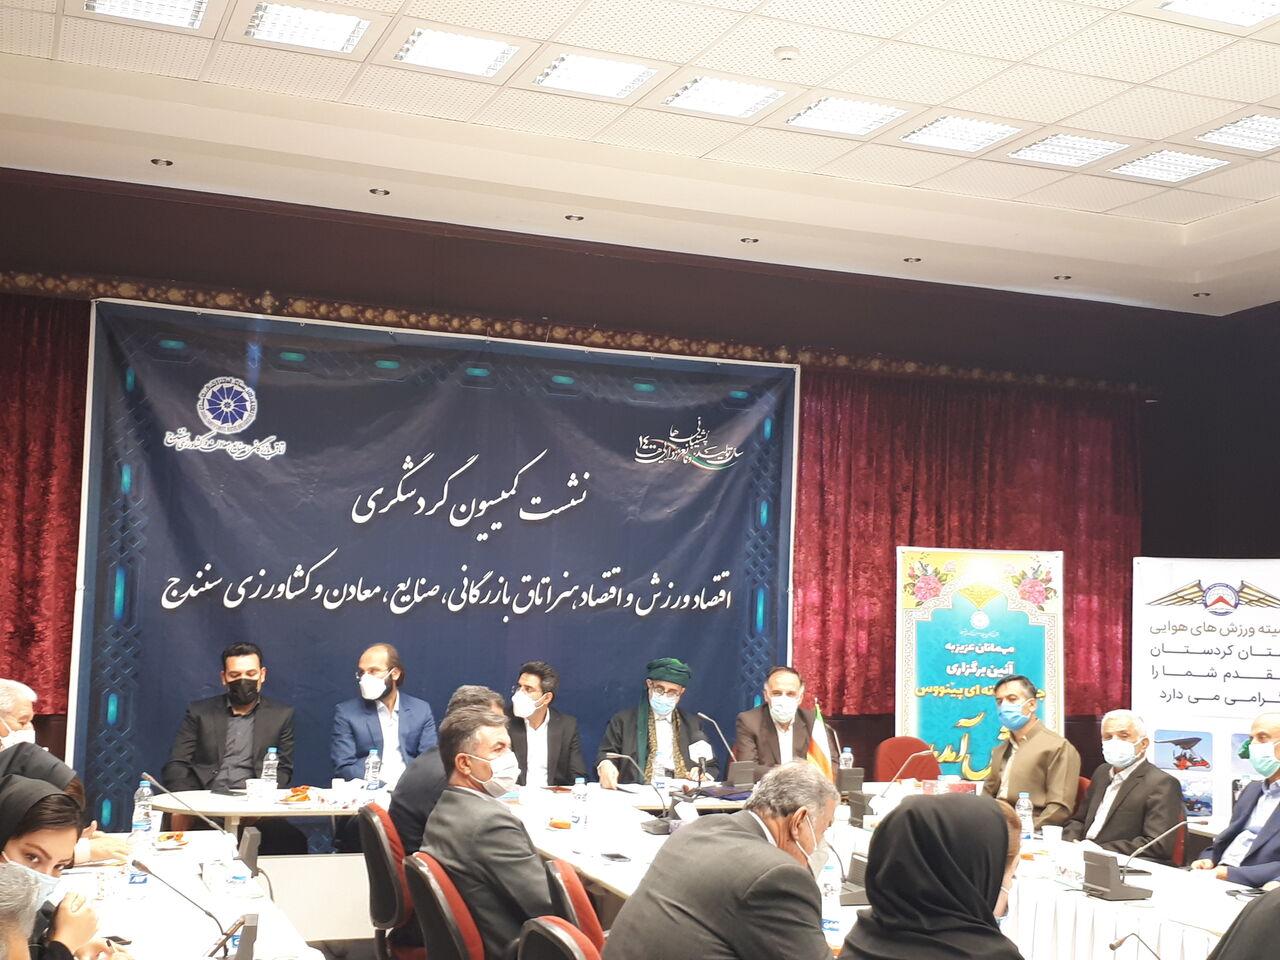 ۲ هزار میلیارد تومان در حوزه اقتصاد کردستان سرمایهگذاری شد